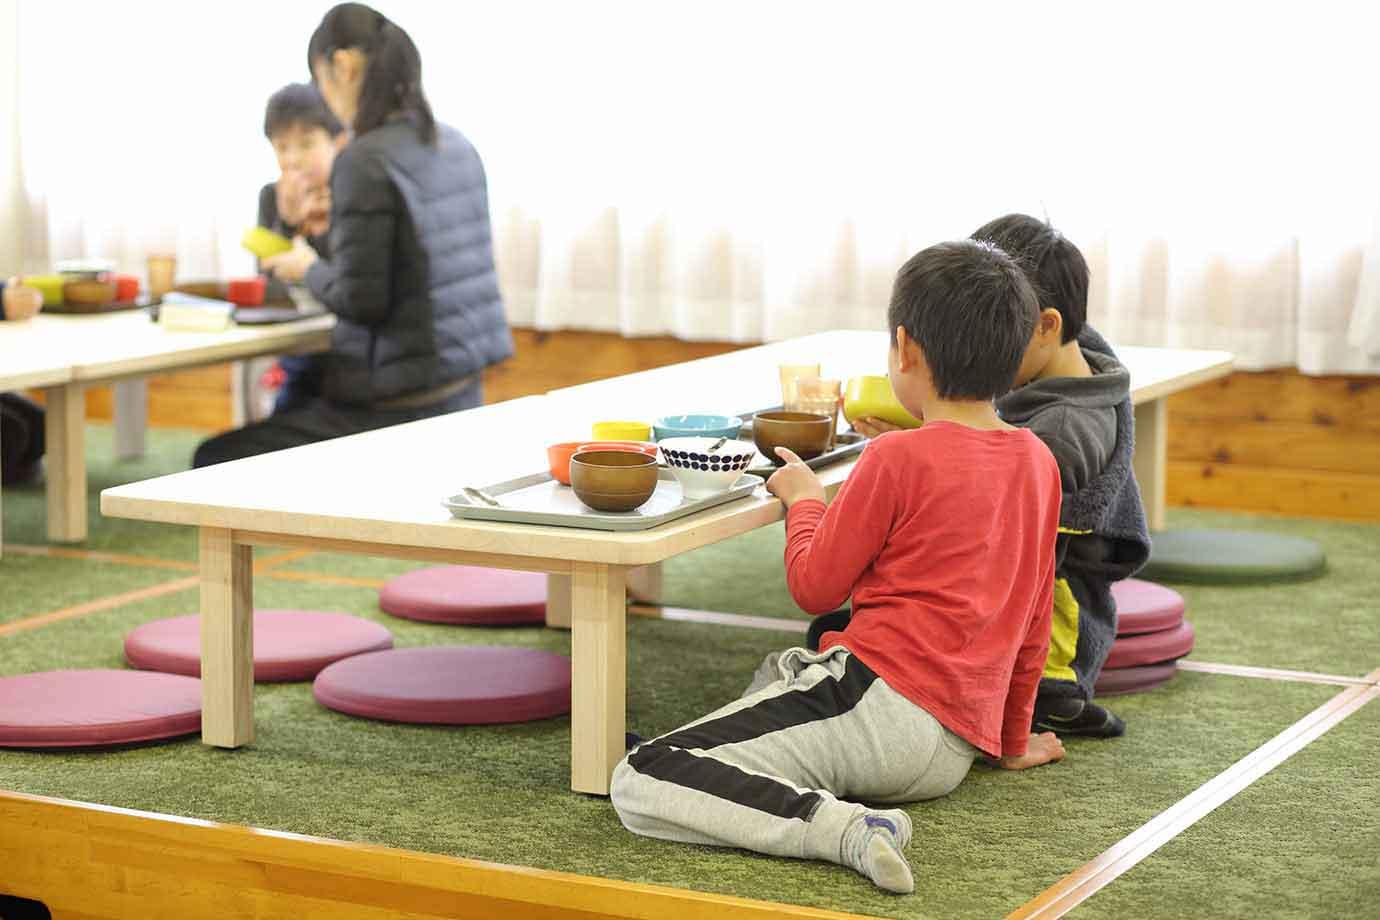 テーブル席や小上がり席など思い思いの席へ。異年齢の子ども、地域の人、教員らが同じ空間でランチ